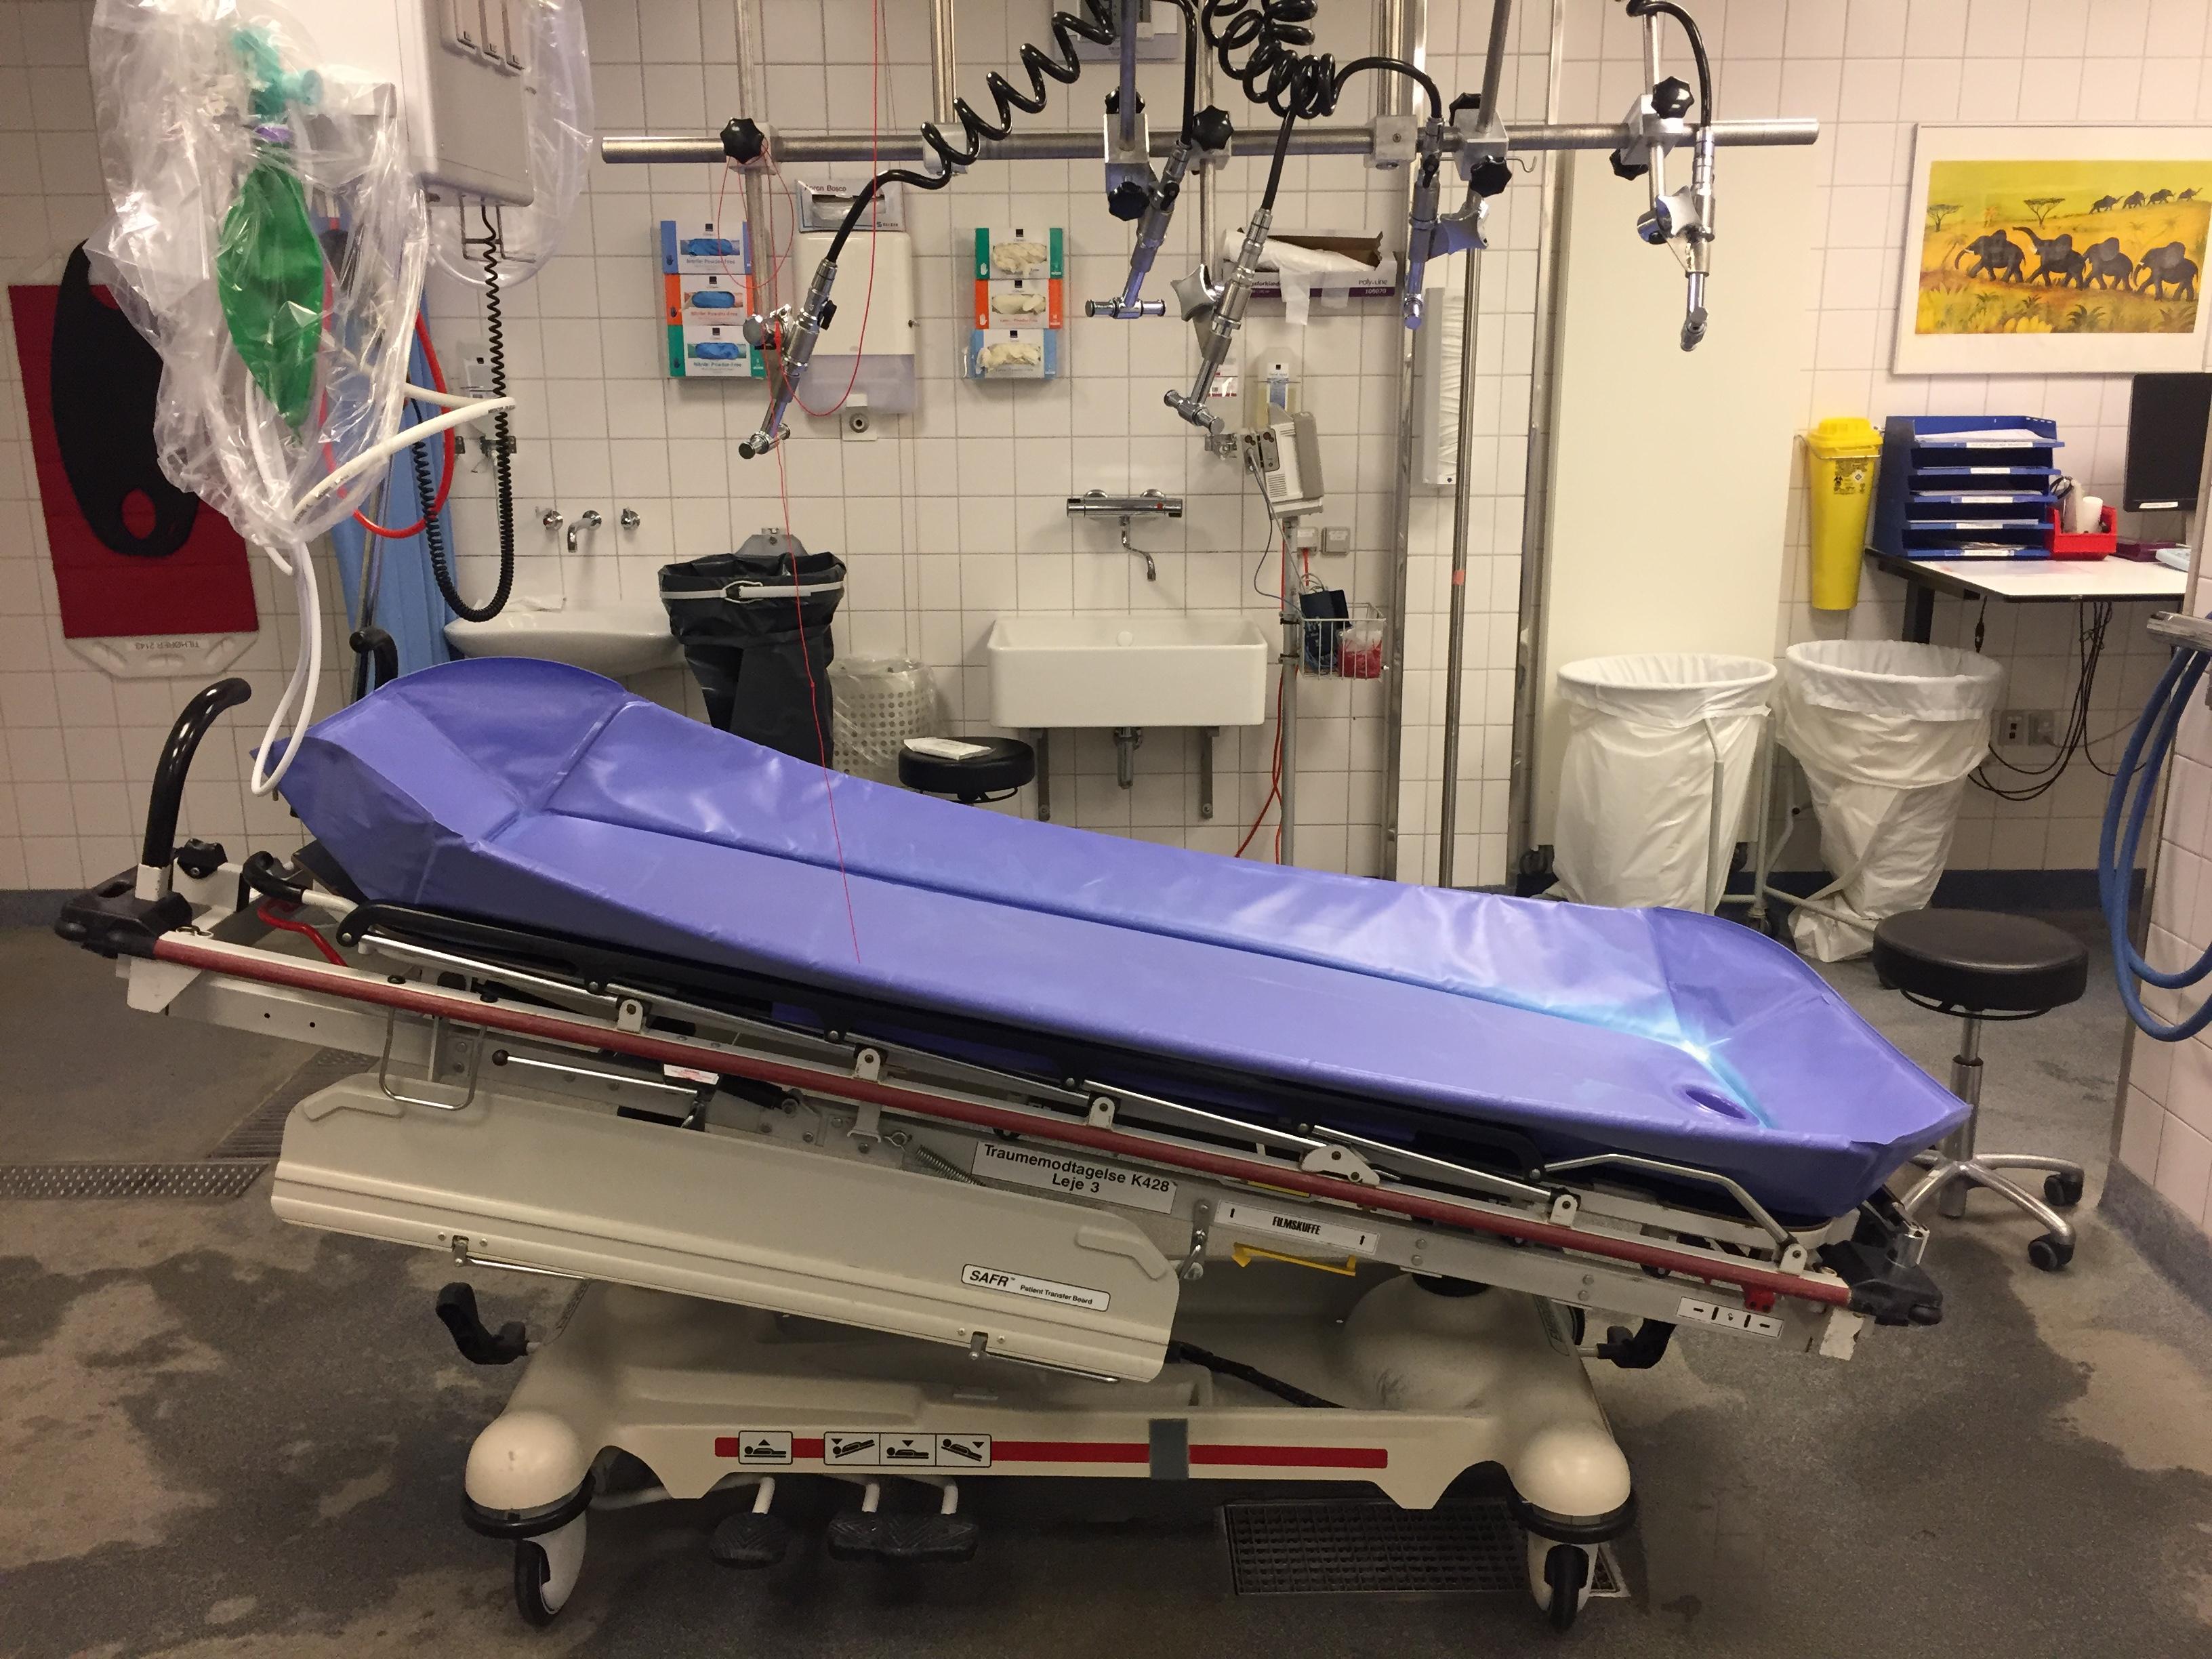 Leje, hvor brandsårspatienten kan bruses i Brandsårsstuen på Rigshospitalet